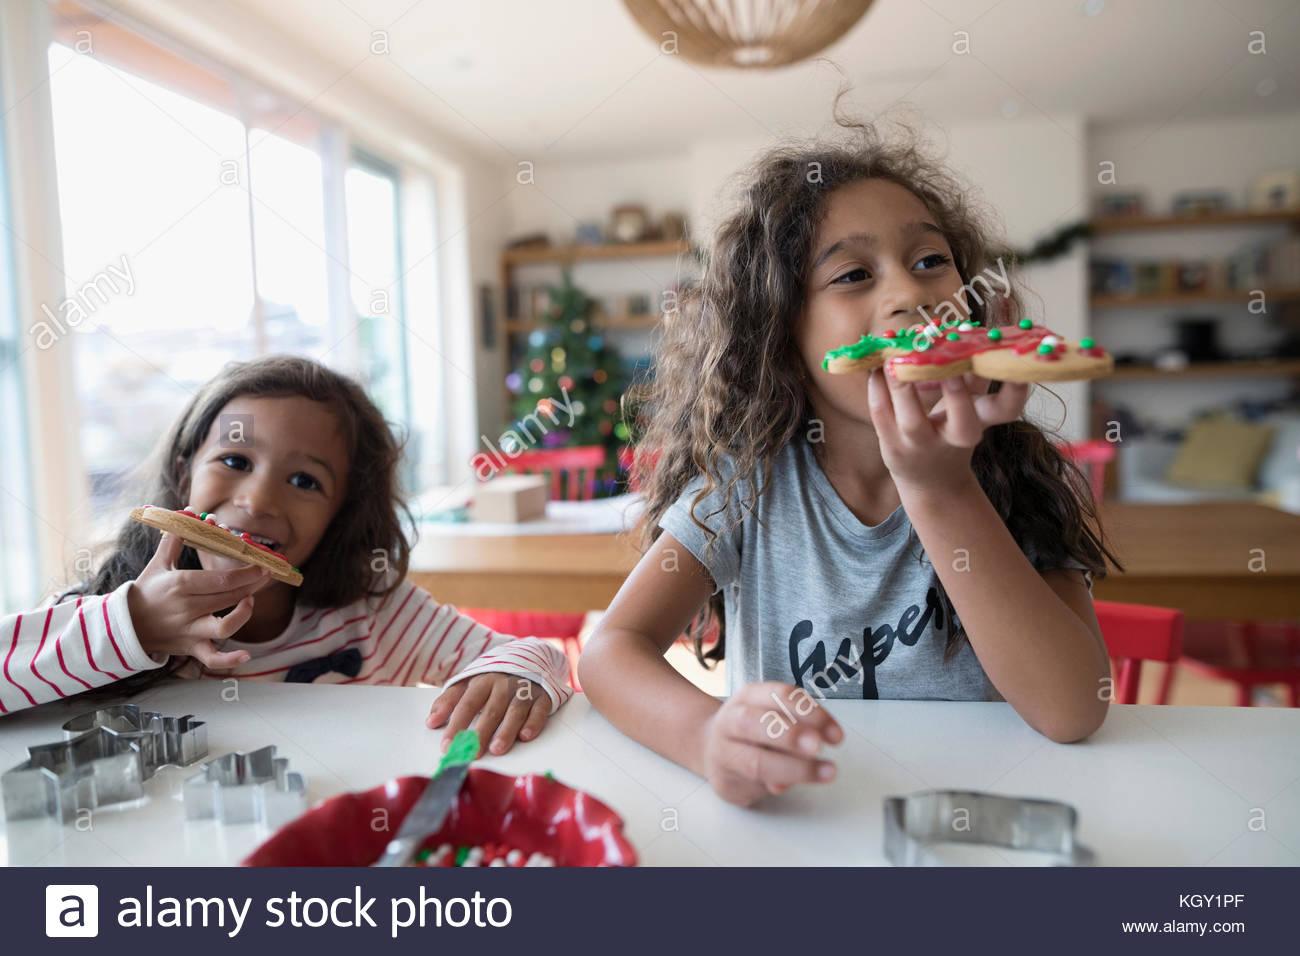 Ragazza sorelle mangiare Natale decorati gingerbread cookies in cucina Immagini Stock